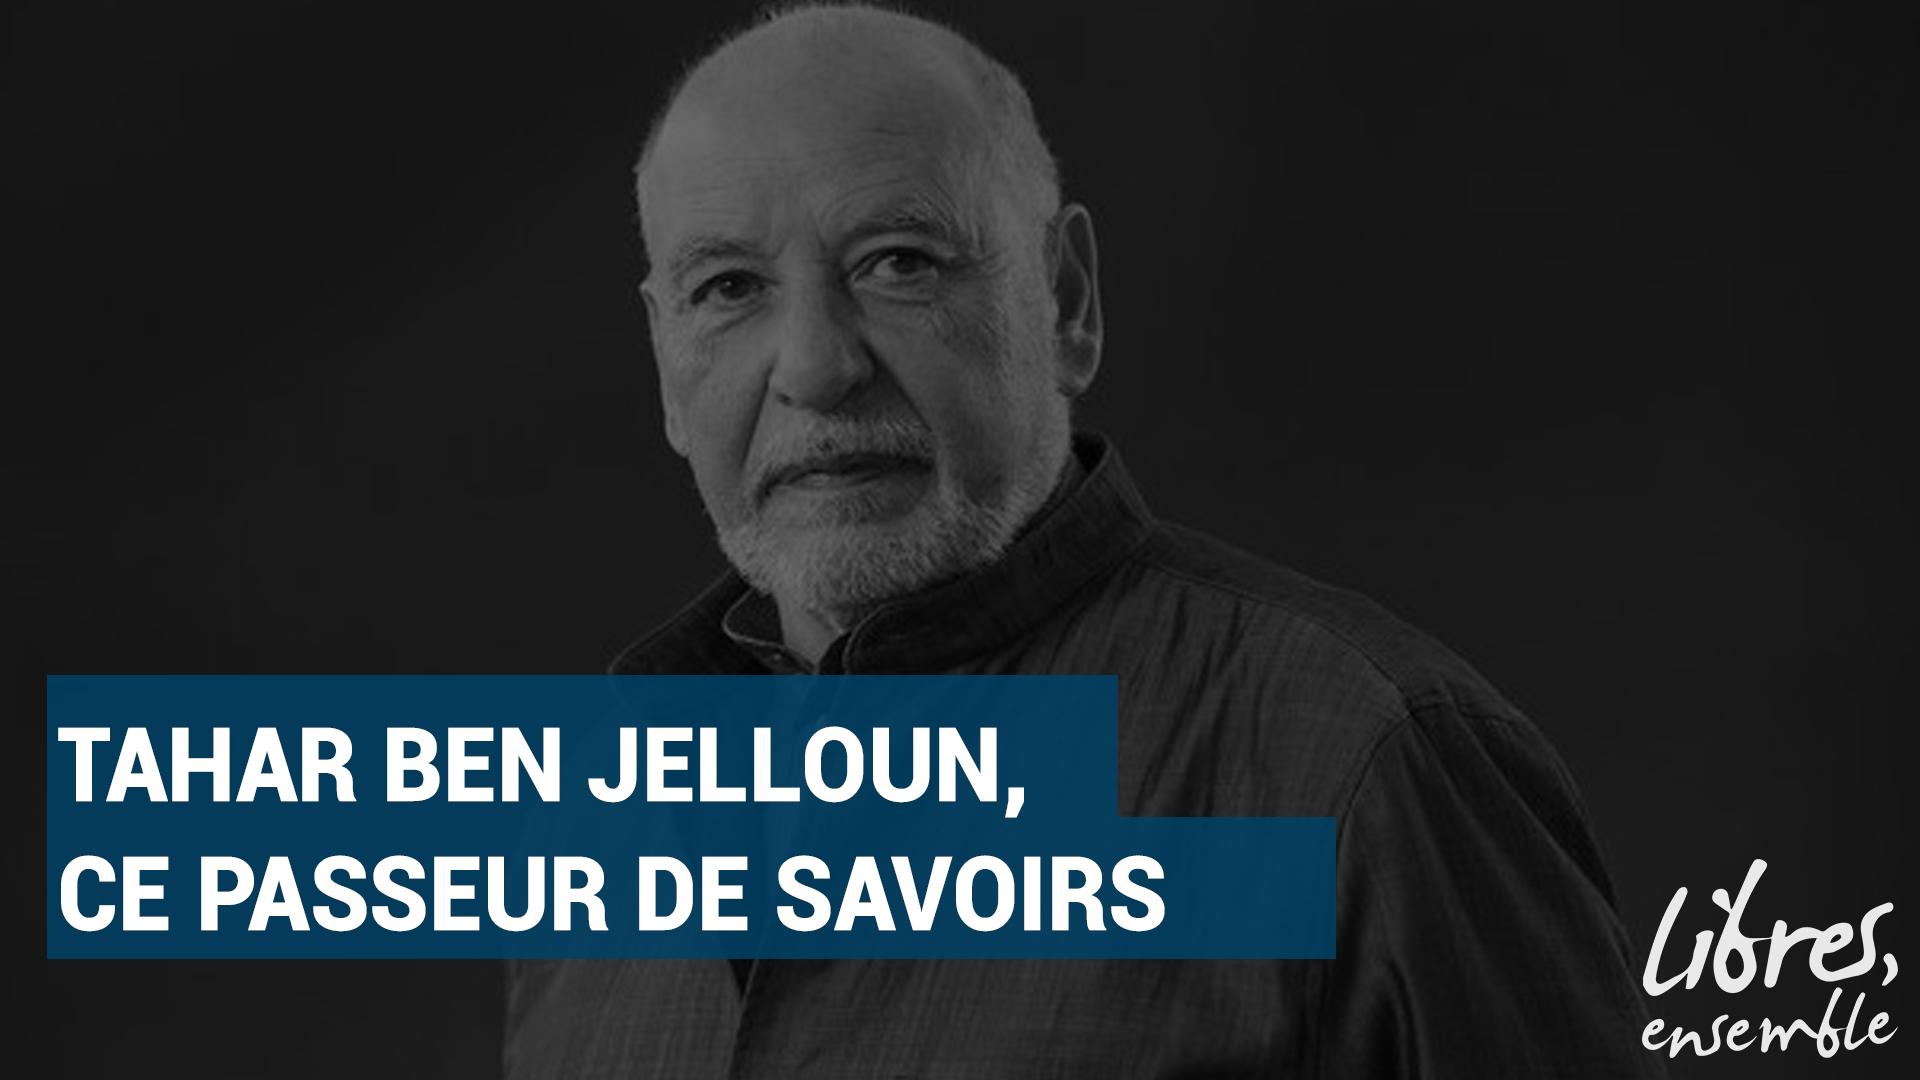 Tahar Ben Jelloun, ce passeur de savoirs